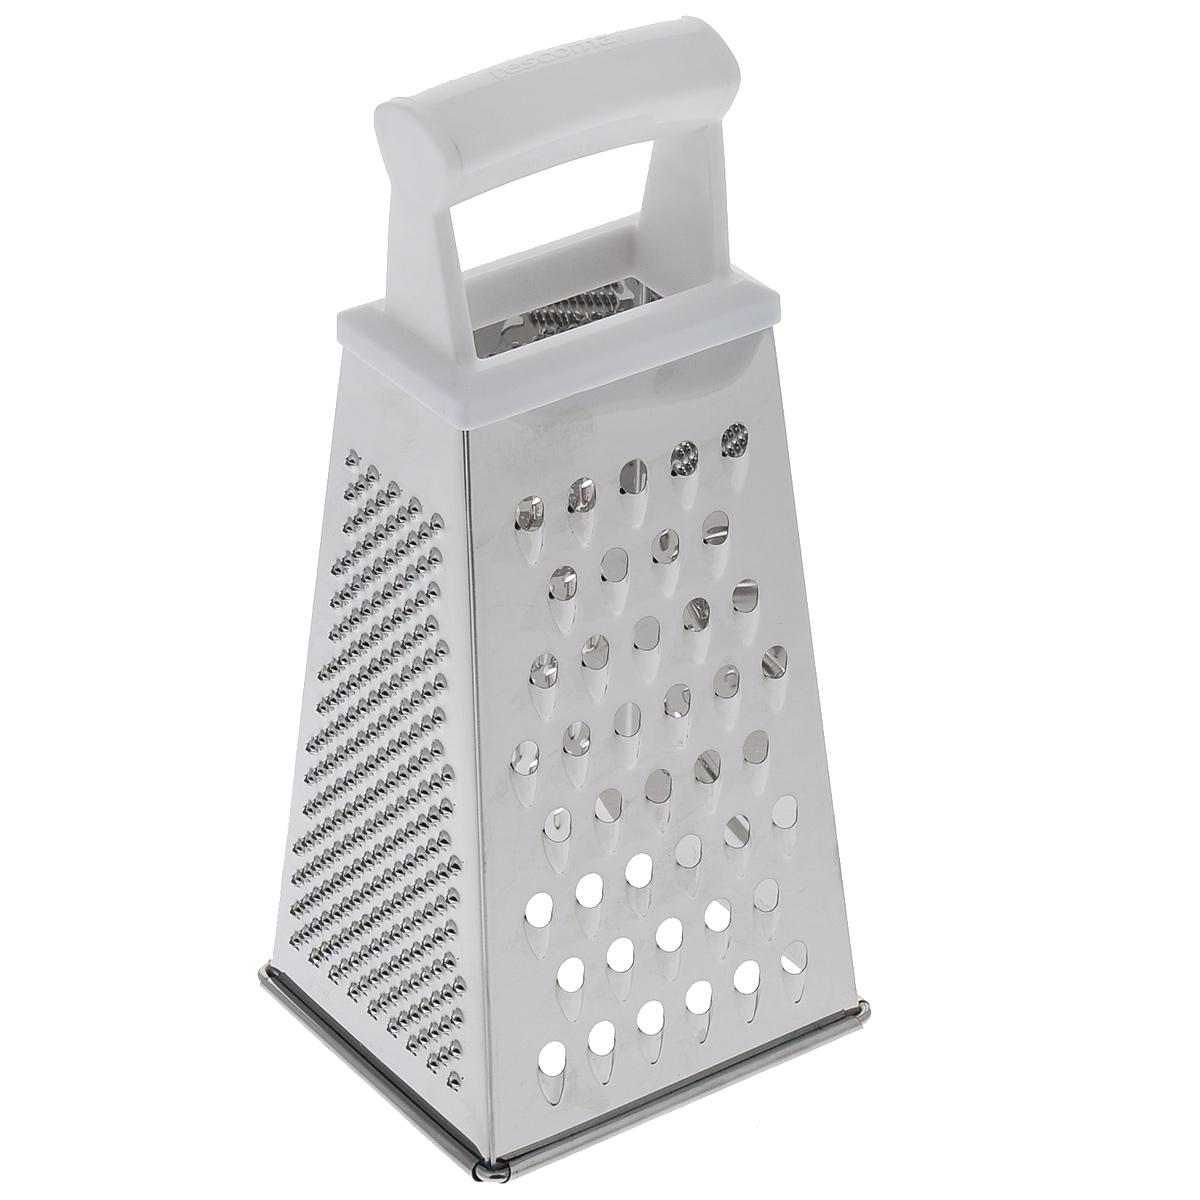 Терка четырехгранная Tescoma Handy, цвет: белый, высота 22 см391602Четырехгранная терка Tescoma Handy, выполненная из высококачественной нержавеющей стали с зеркальной полировкой, станет незаменимым атрибутом приготовления пищи. Сверху на терке находится удобная пластиковая ручка. На одном изделие представлены четыре вида терок - крупная, мелкая, фигурная и нарезка ломтиками. Современный стильный дизайн позволит терке занять достойное место на вашей кухне.Можно мыть в посудомоечной машине.